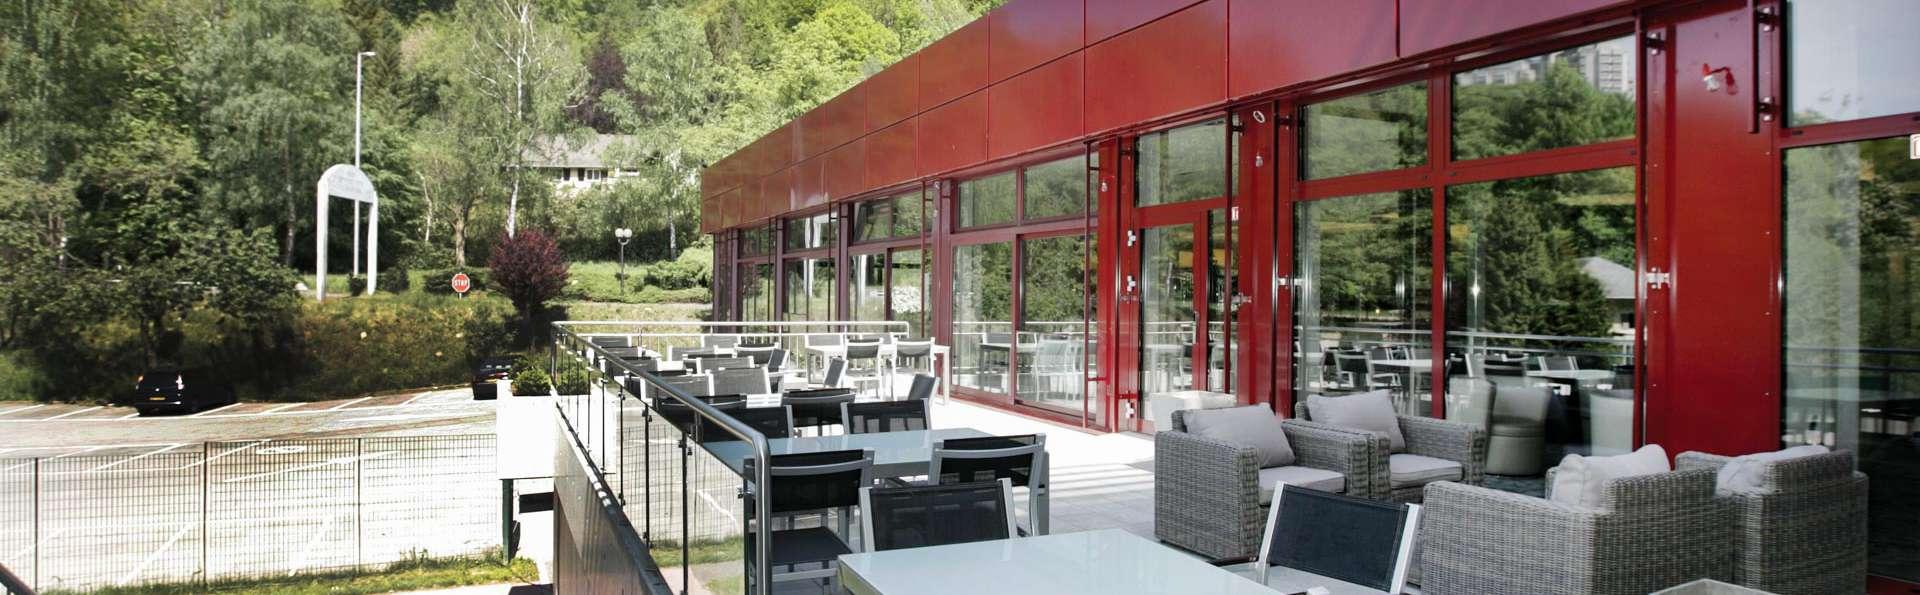 Alvisse Parc Hôtel - EDIT_TERRACE_01.jpg